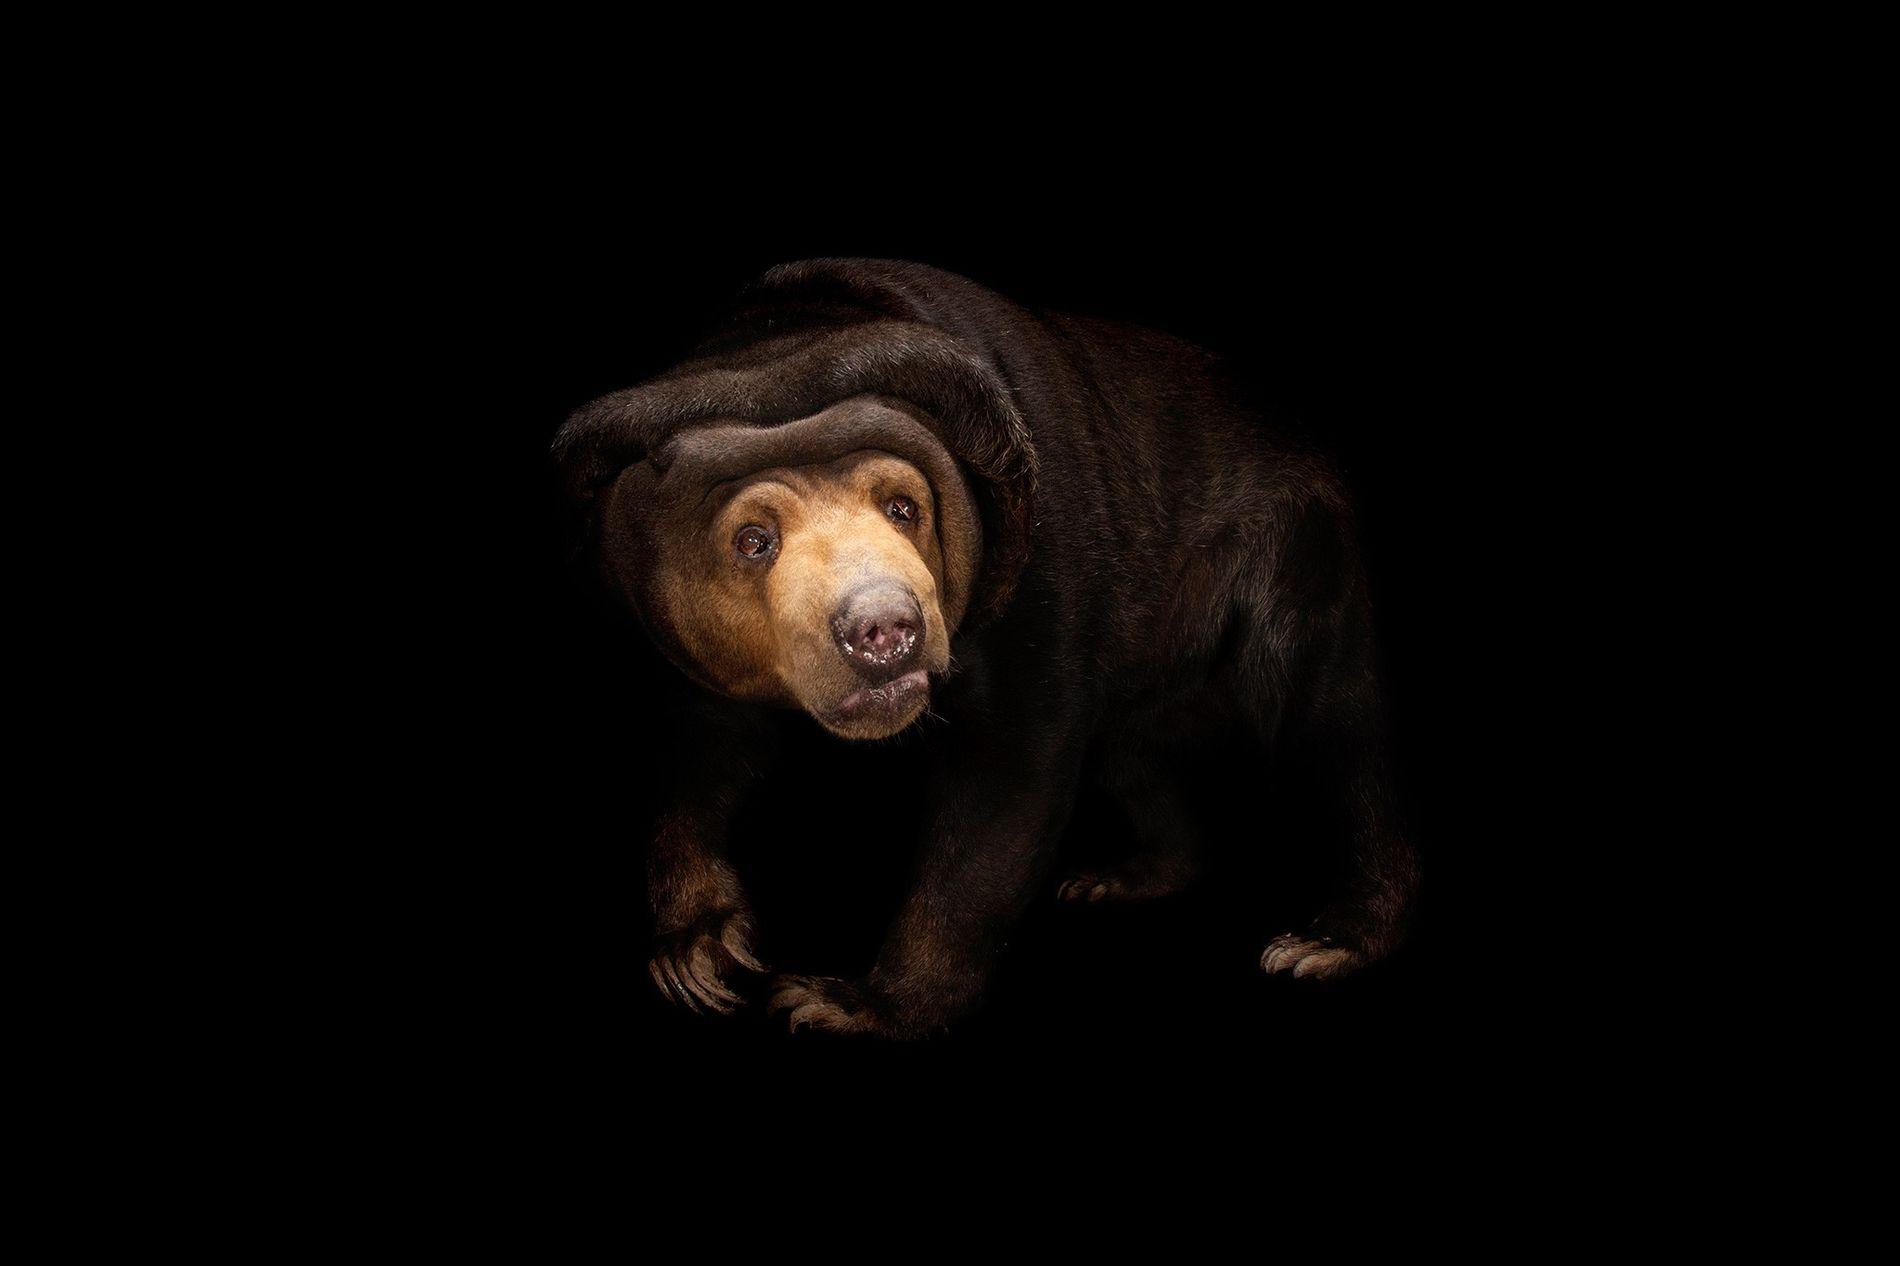 Ursos-do-sol conseguem imitar com destreza as expressões de outros ursos-do-sol, com habilidades de mimetismo facial que antes eram consideradas restritas aos humanos e gorilas.